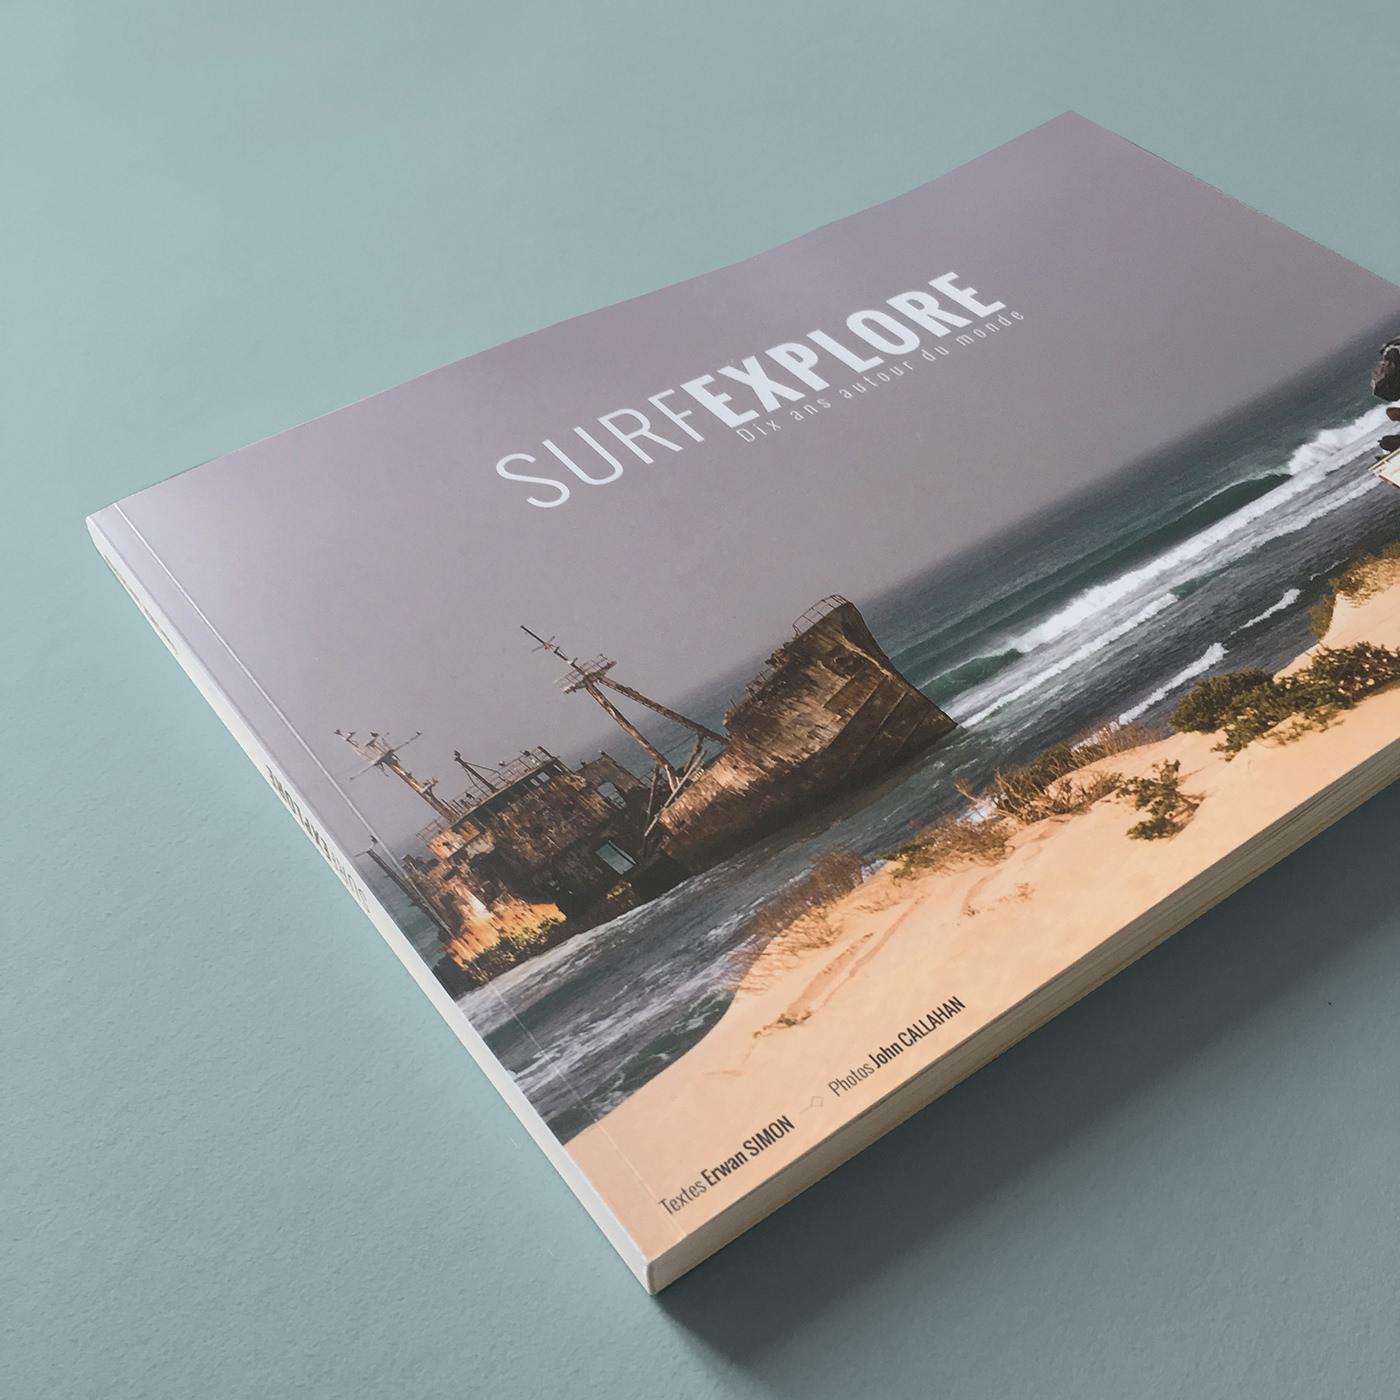 surfexplore-couverture-livre-surf-vaguegraphique